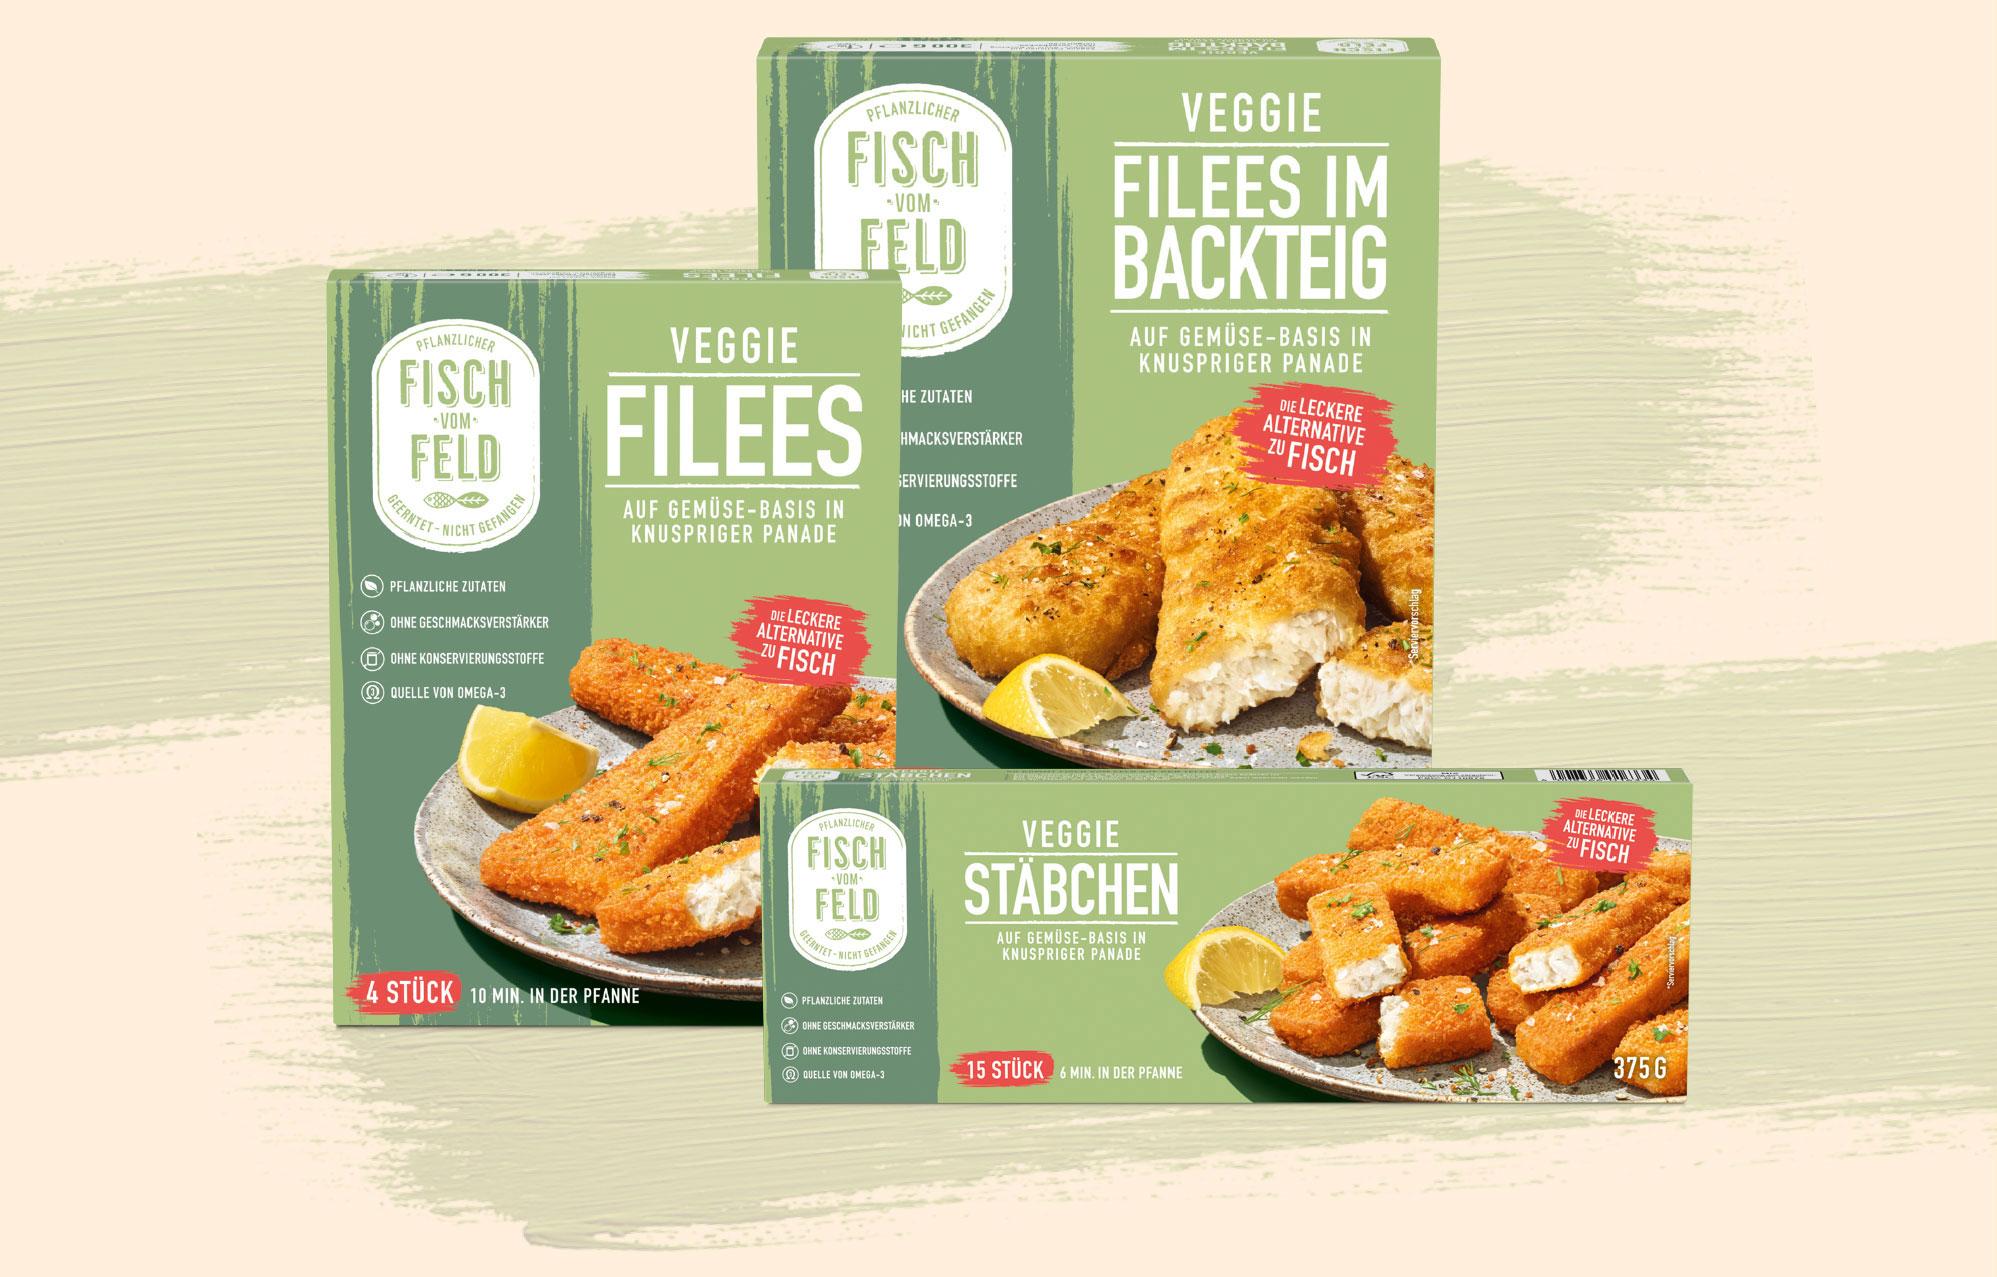 Frosta Fisch vom Feld kostenloser Versand im Januar